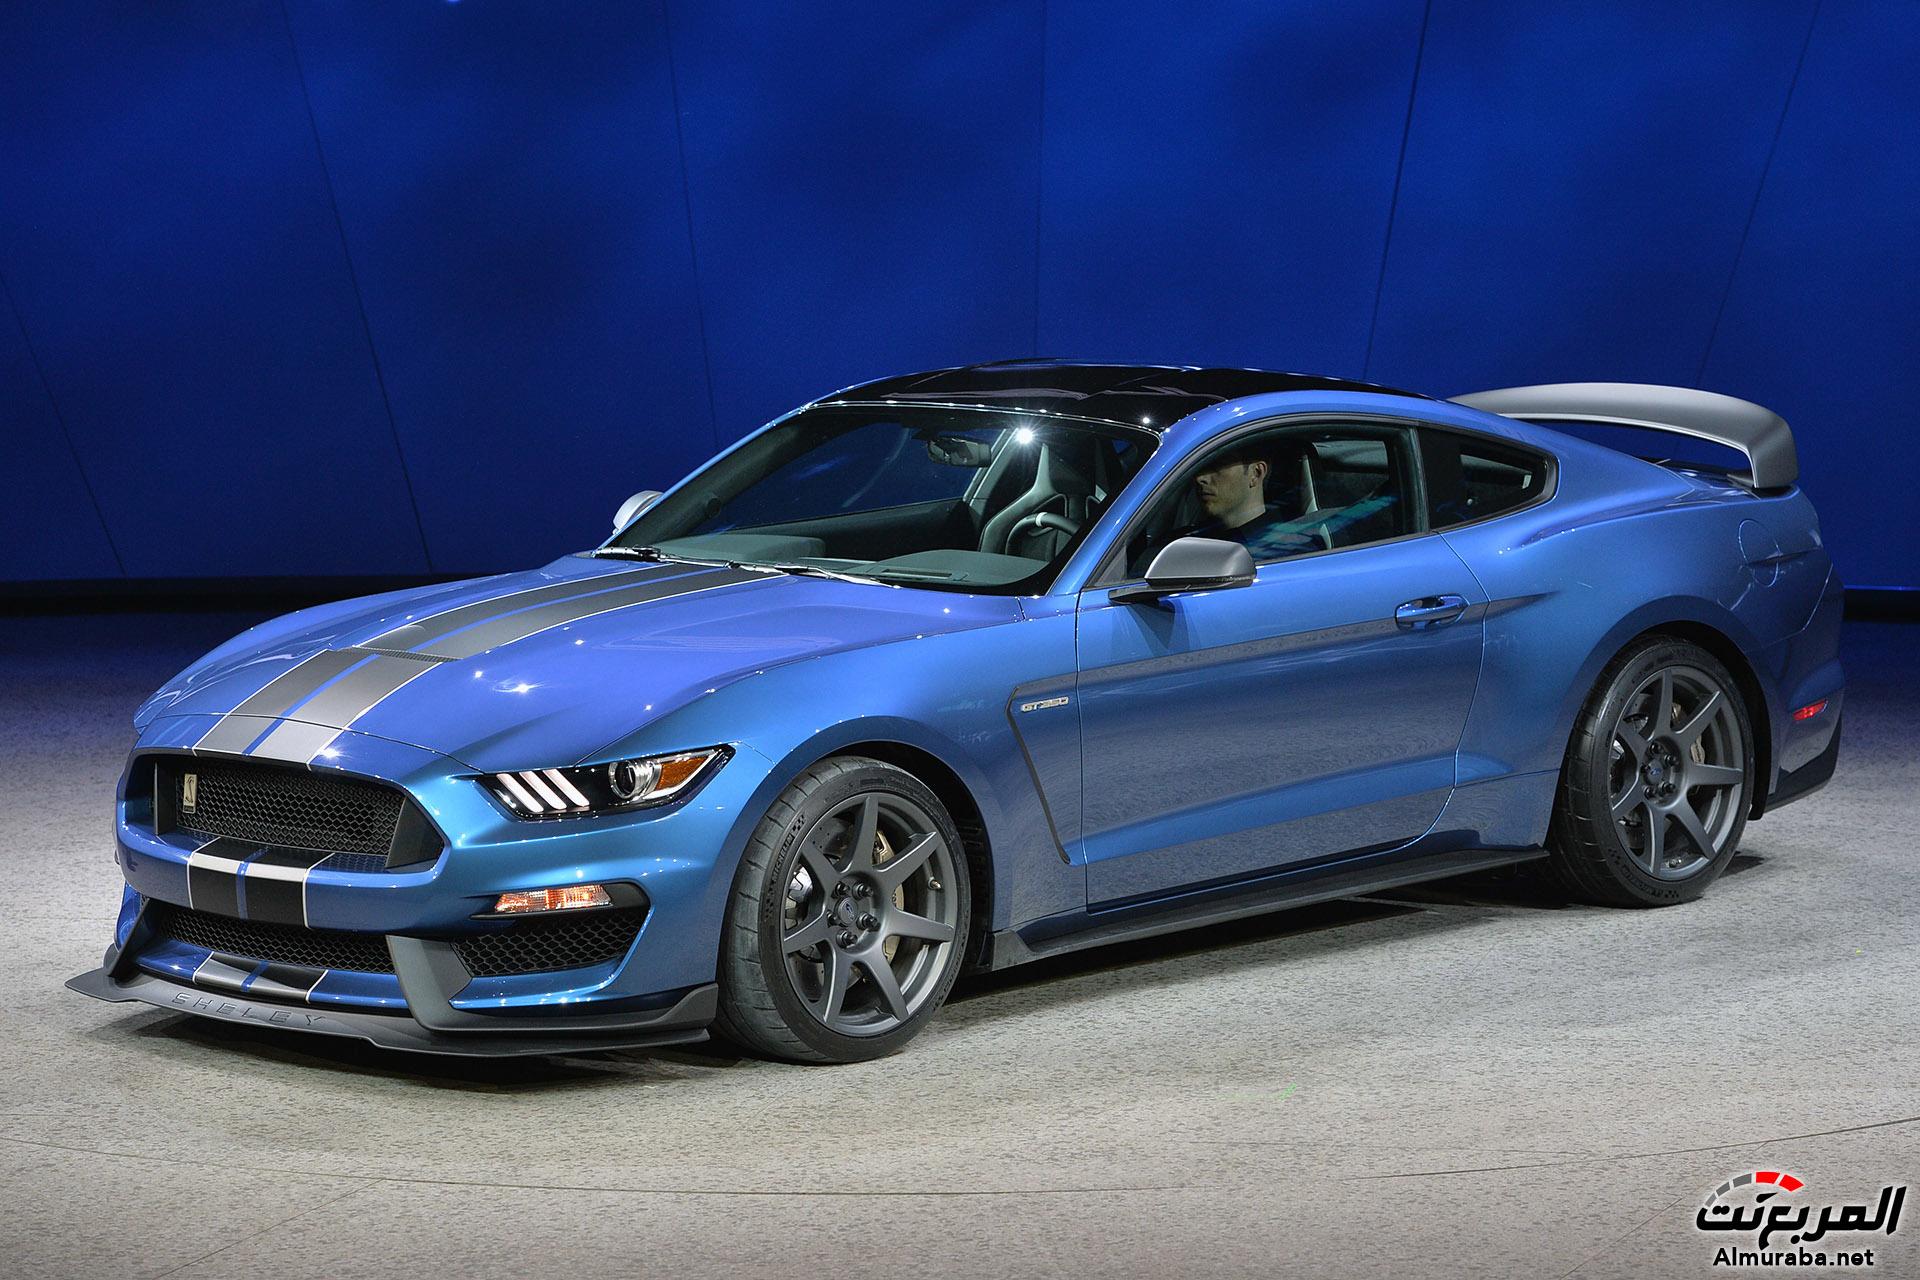 فورد موستنج شلبي جي تي 2016 350 ار صور ومواصفات Ford